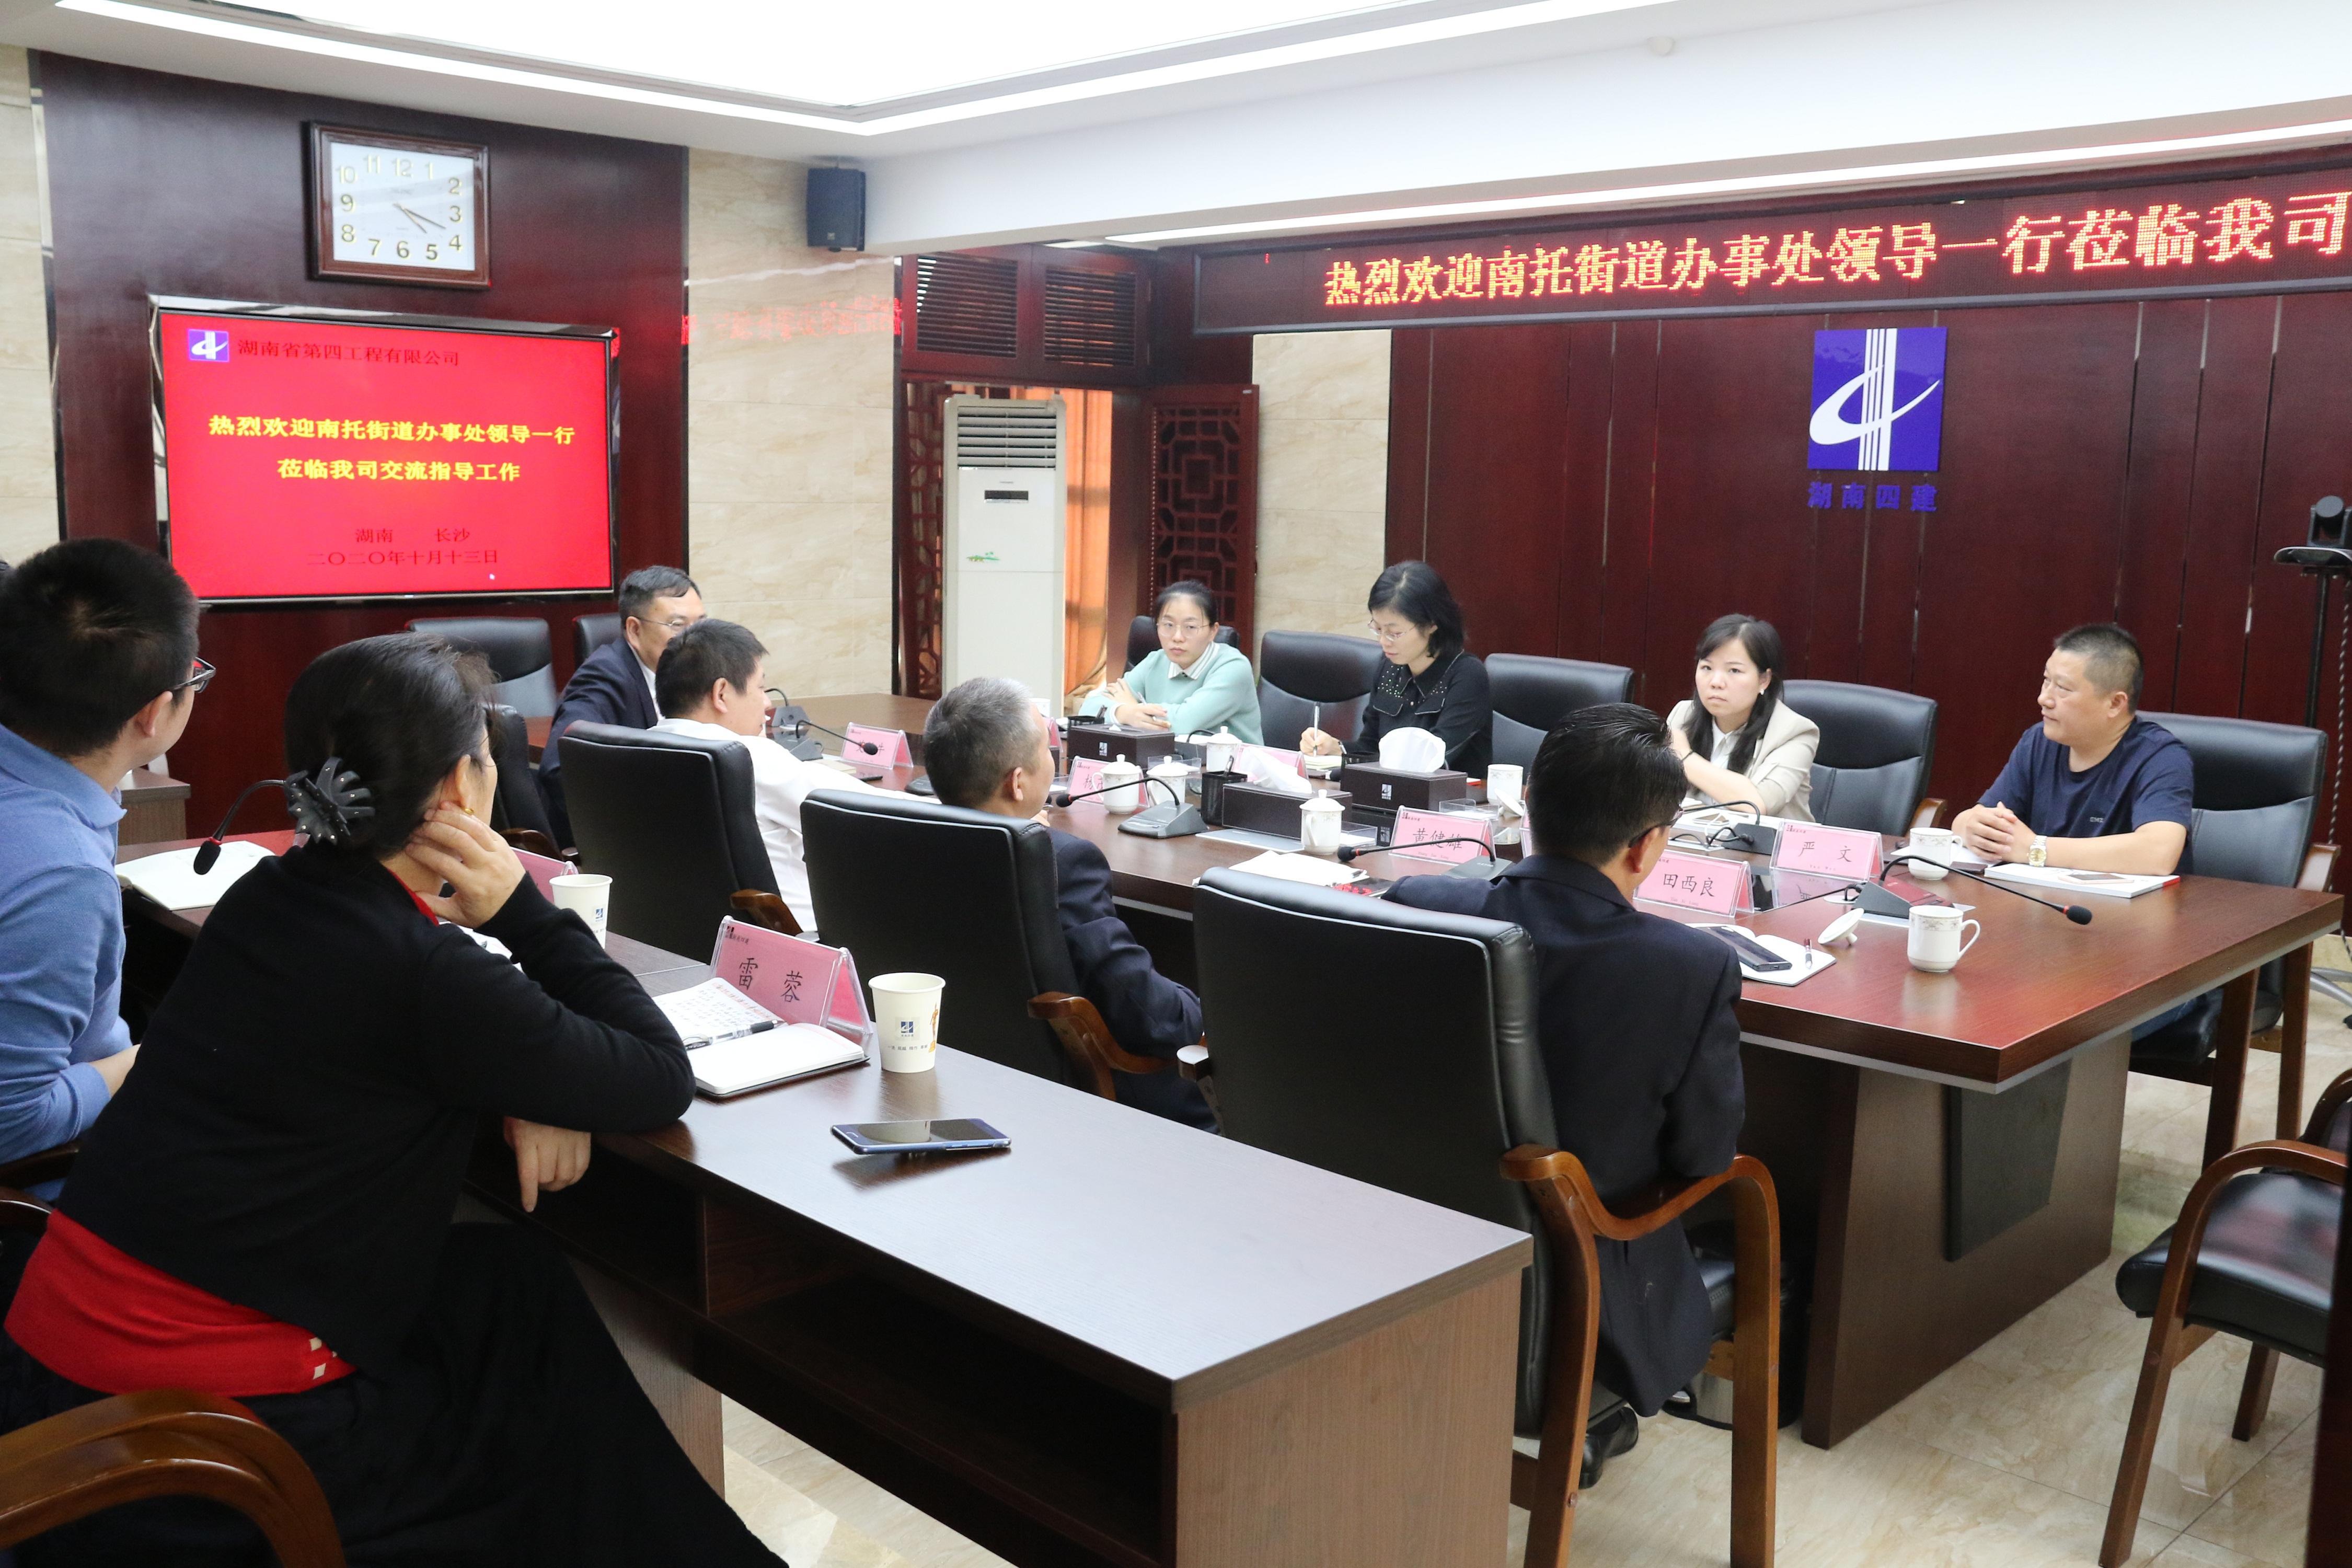 天心区南托街道党工委书记王钰莹一行 到公司调研指导工作